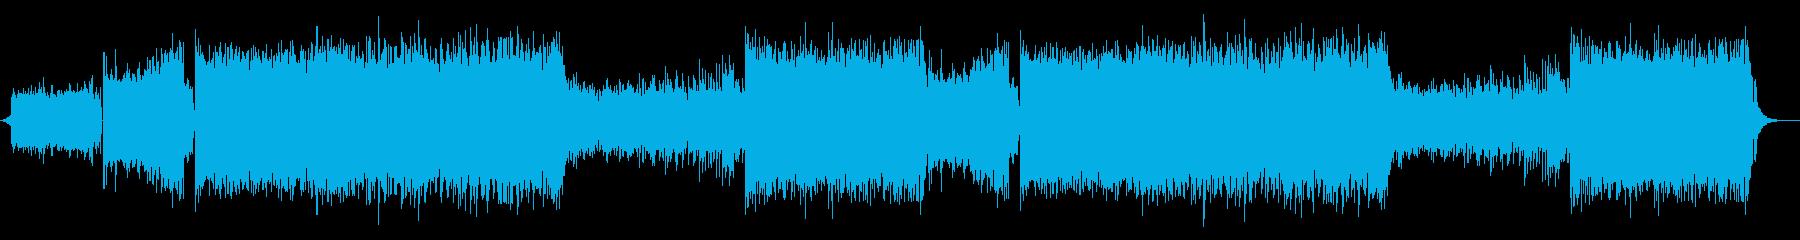 最後の戦い エレクトロ ボス ゲームの再生済みの波形